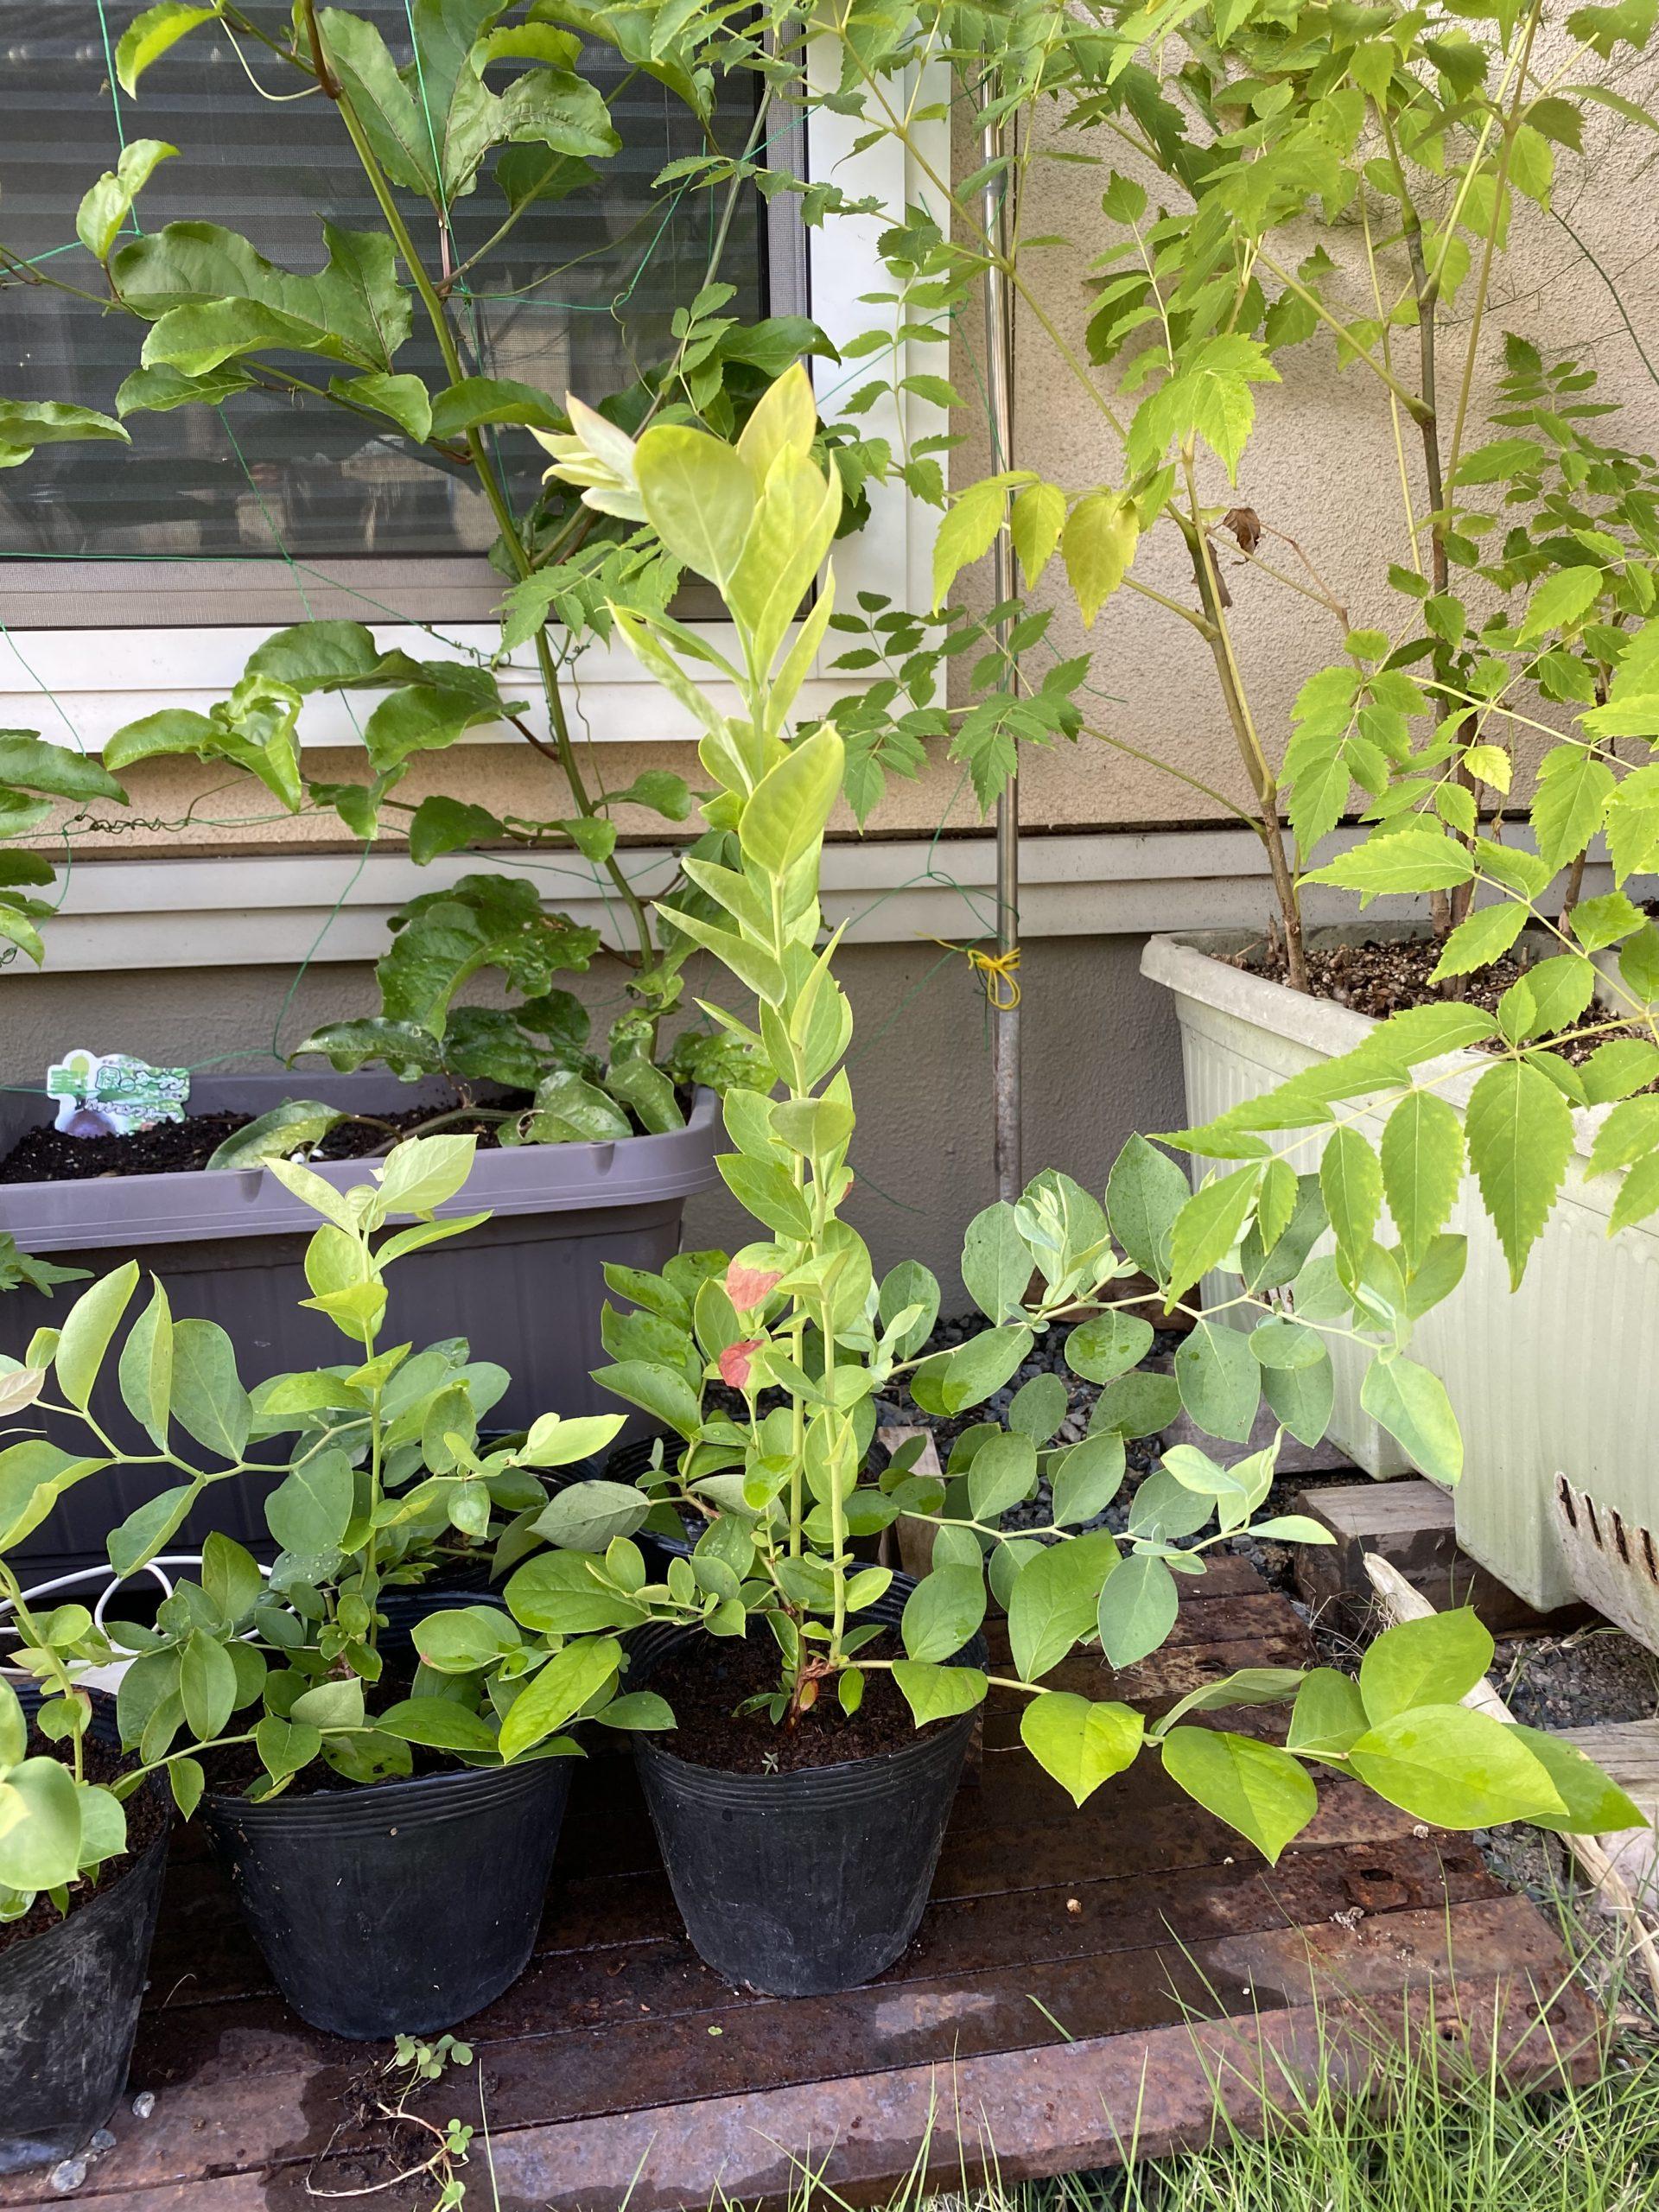 迷う間も成長を続ける!植物はつくづく偉いと思う!